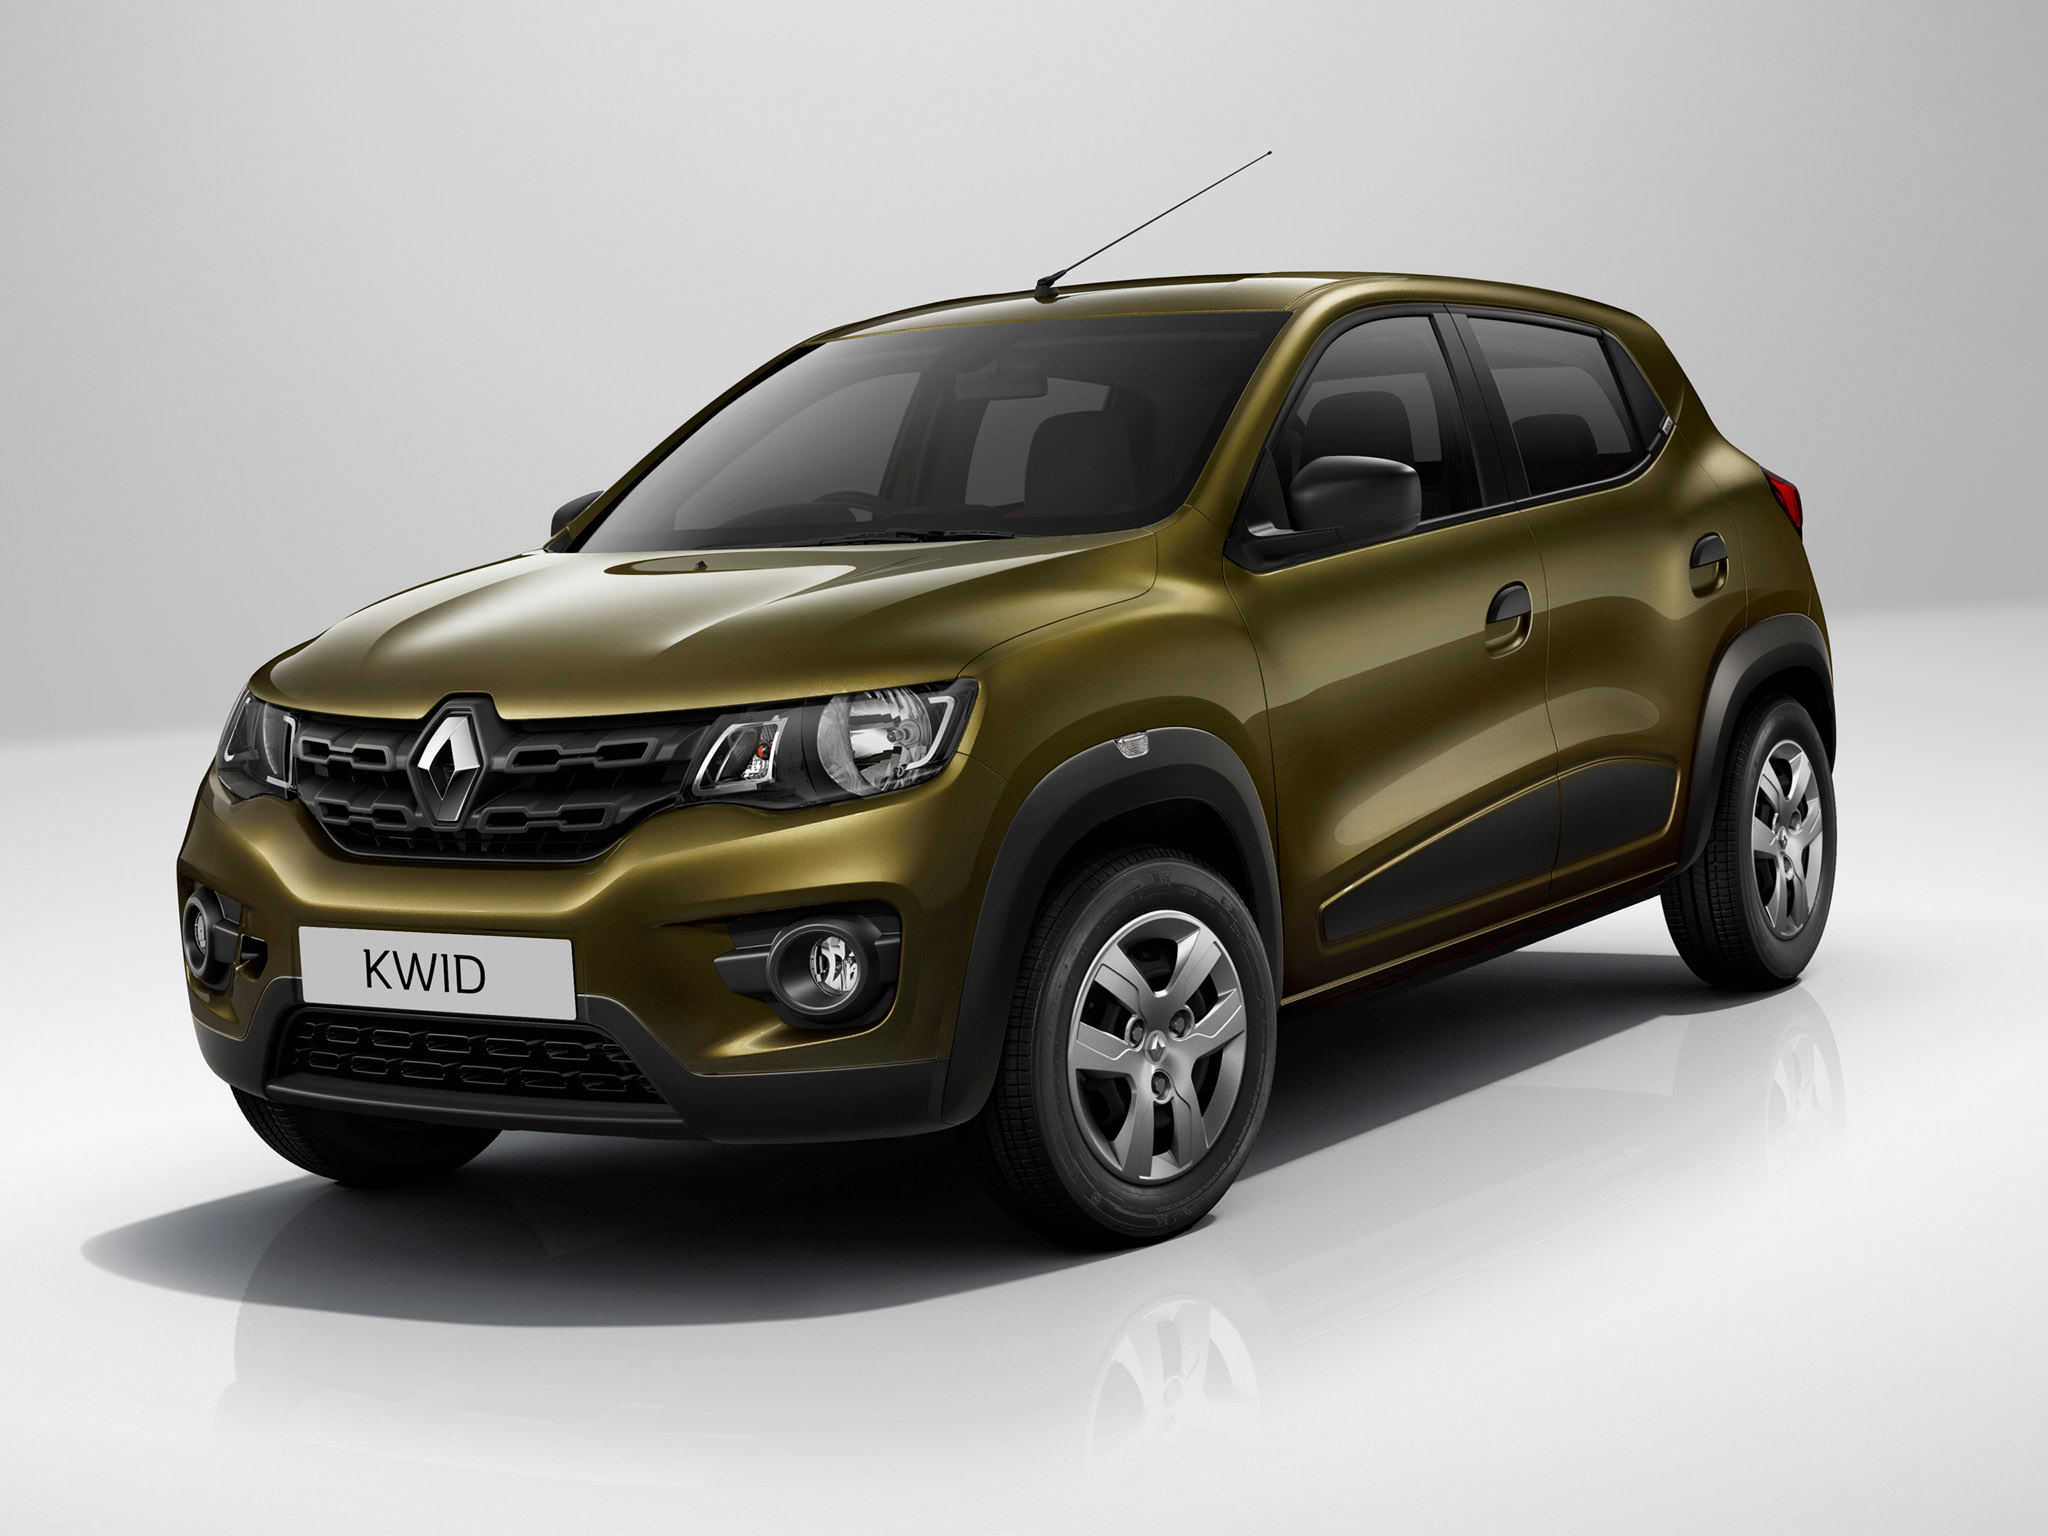 2015 Renault Kwid